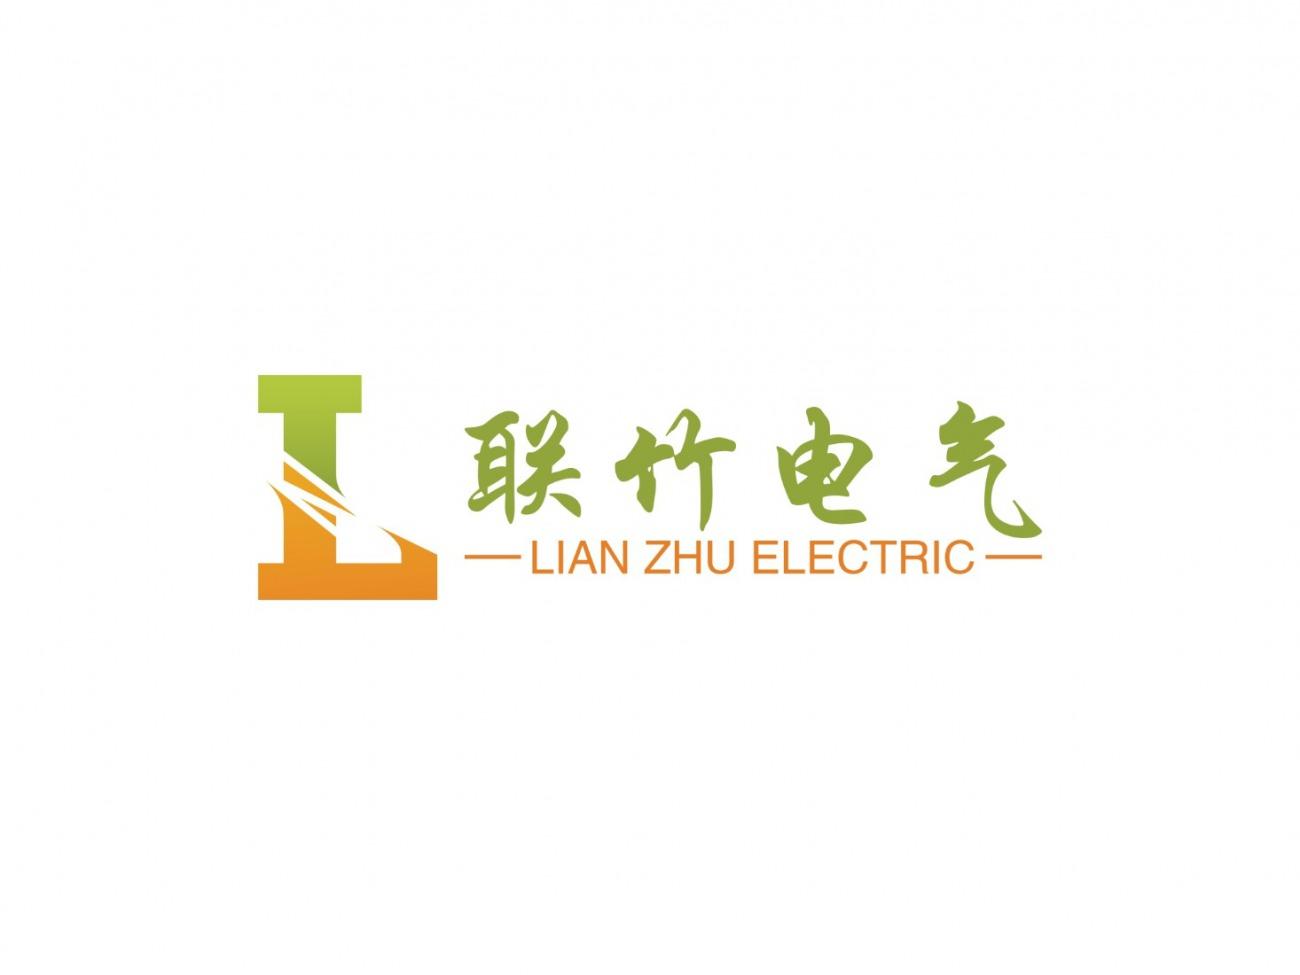 上海聯竹電氣設備有限公司